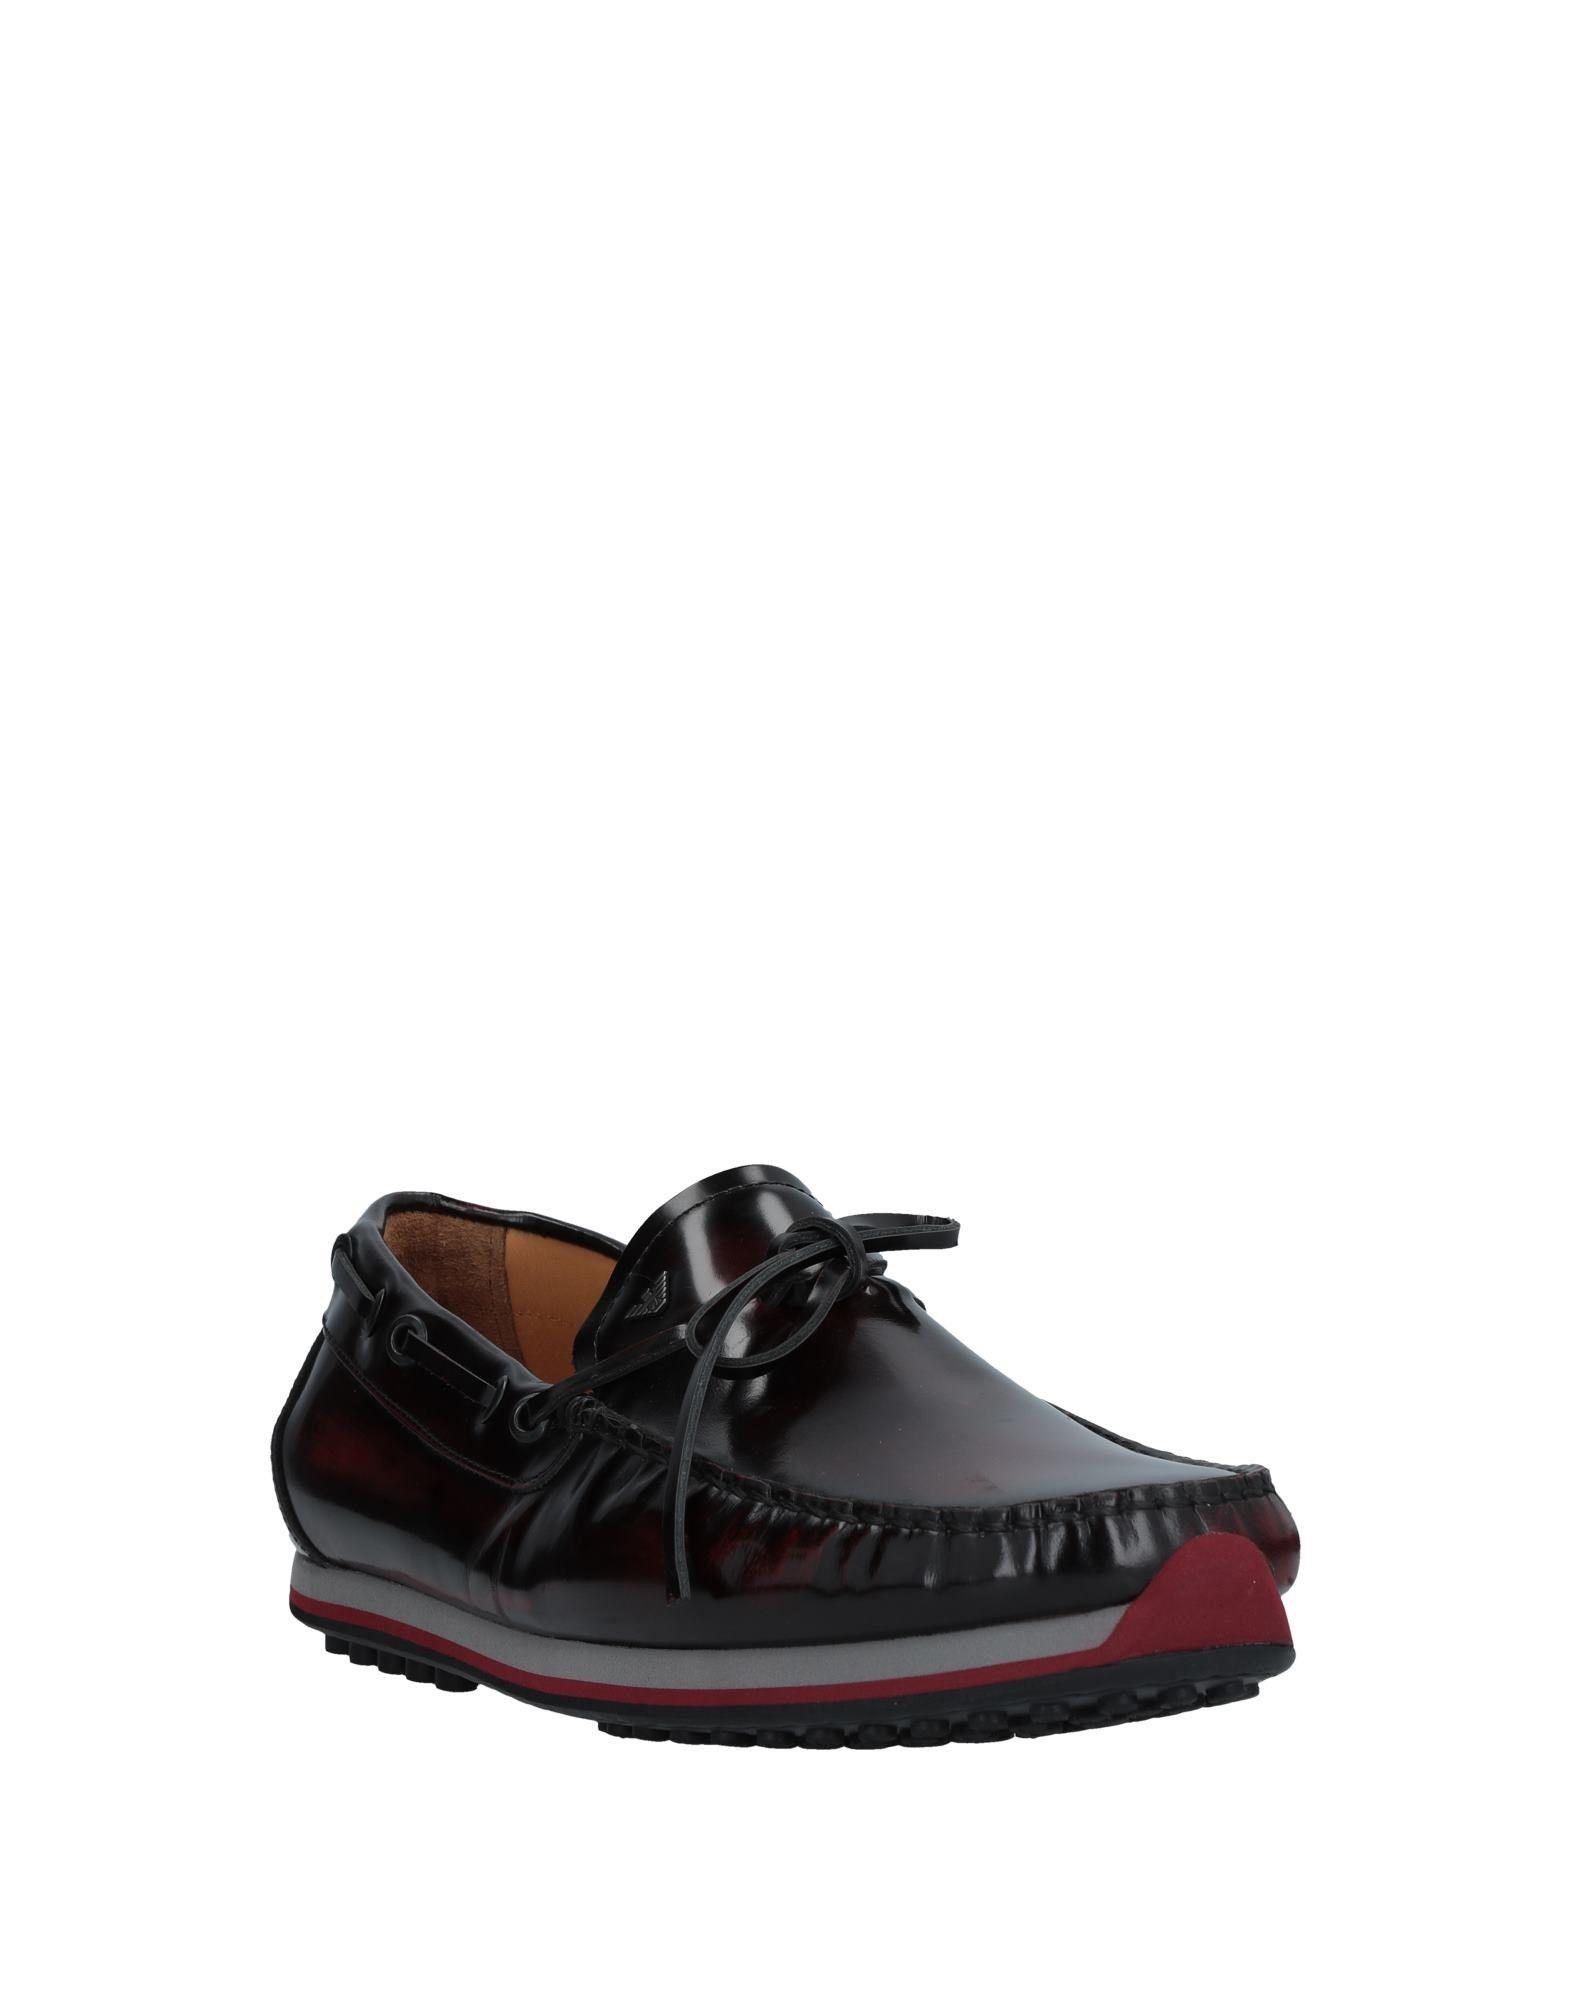 Emporio Armani Mokassins Herren  11379776UD Gute Gute 11379776UD Qualität beliebte Schuhe 30ee8c